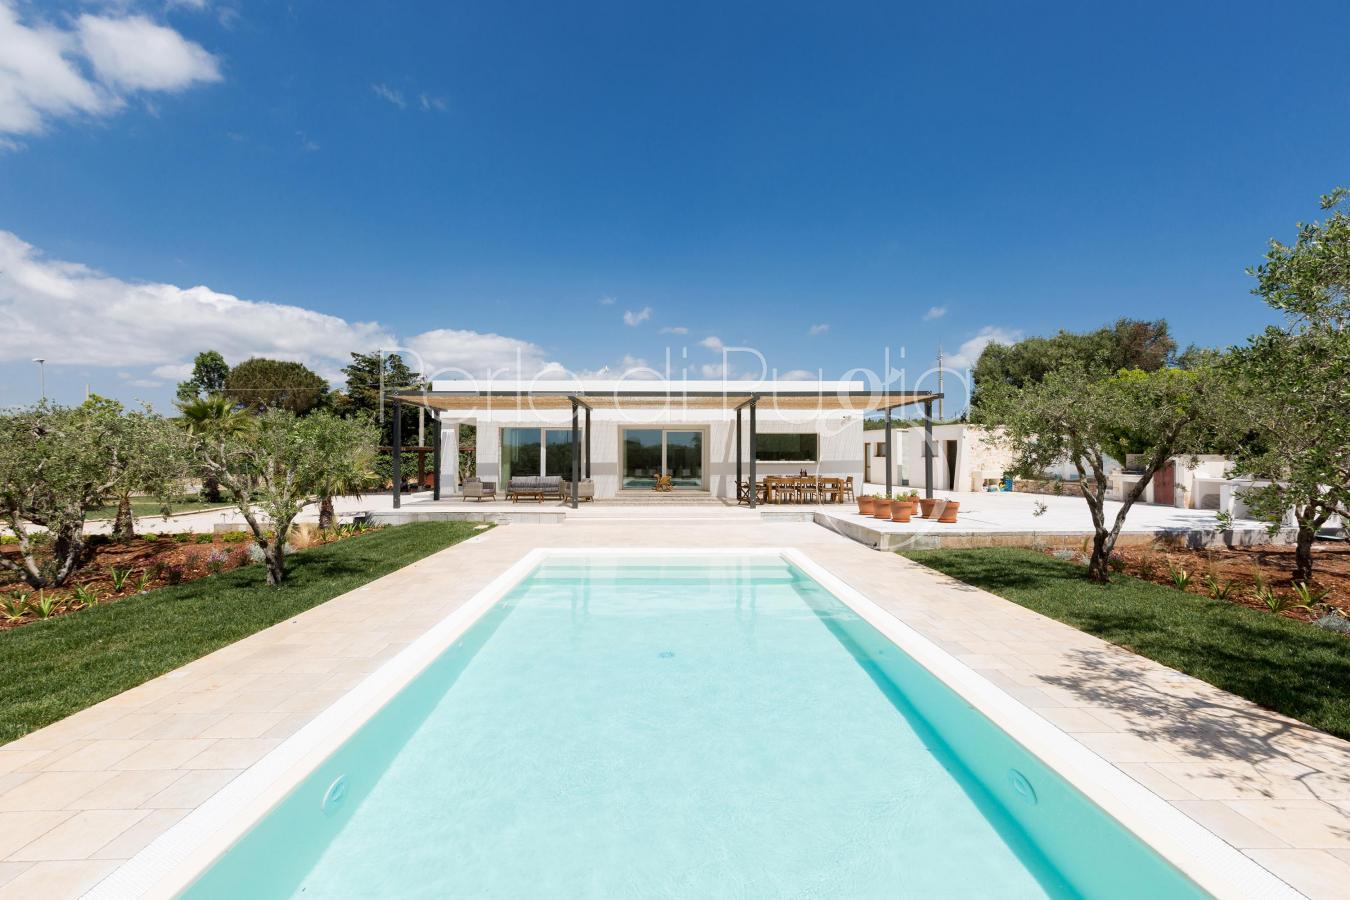 luxury villas - Santa Maria di Leuca ( Leuca ) - iChiani